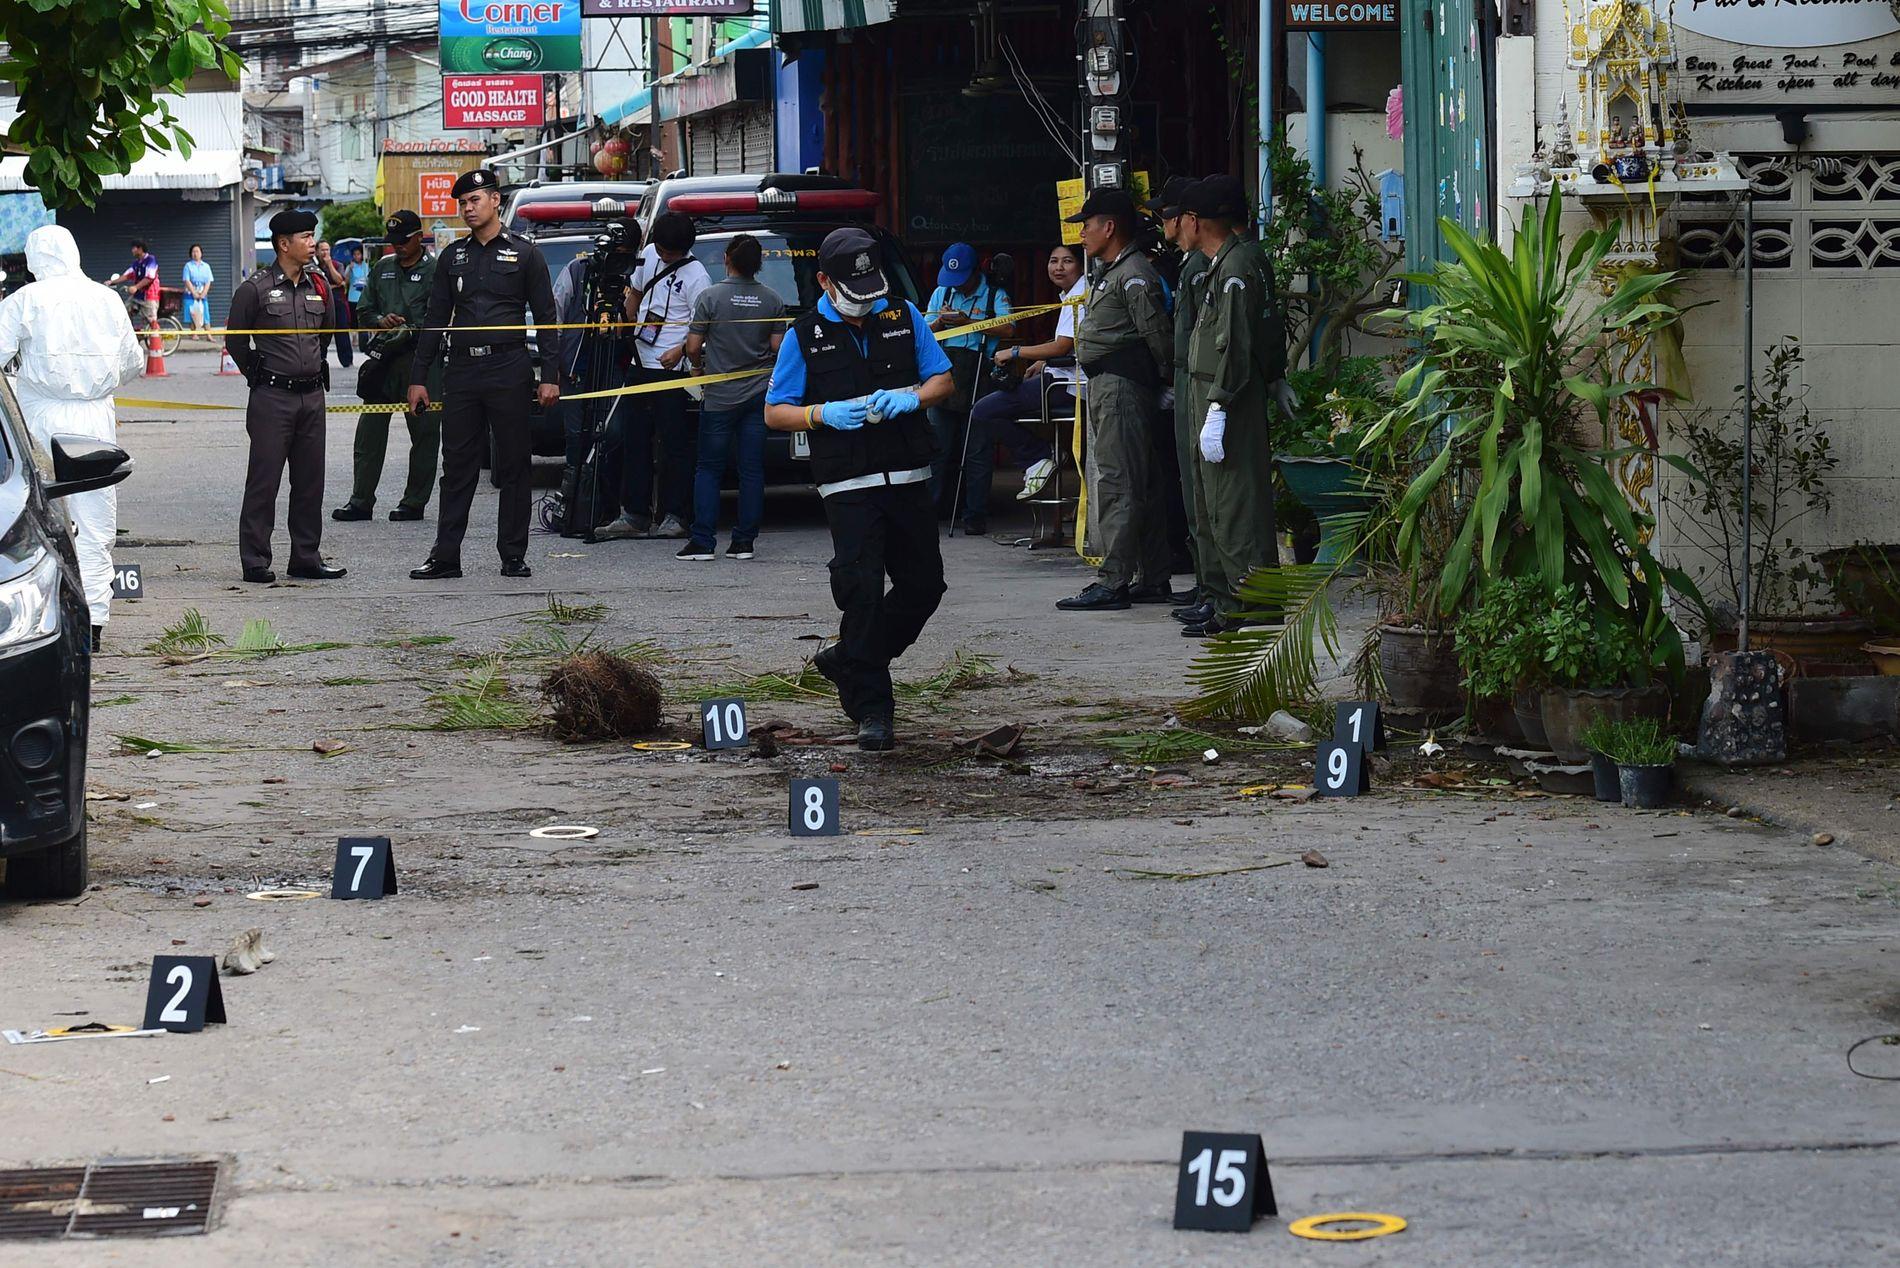 BOMBER: Politietterforskere samler inn bevismateriale etter at en liten bombe eksploderte på stedet i Hua Hin fredag morgen. En rekke andre eksplosjoner rystet feriebyen gjennom natten og morgenen.